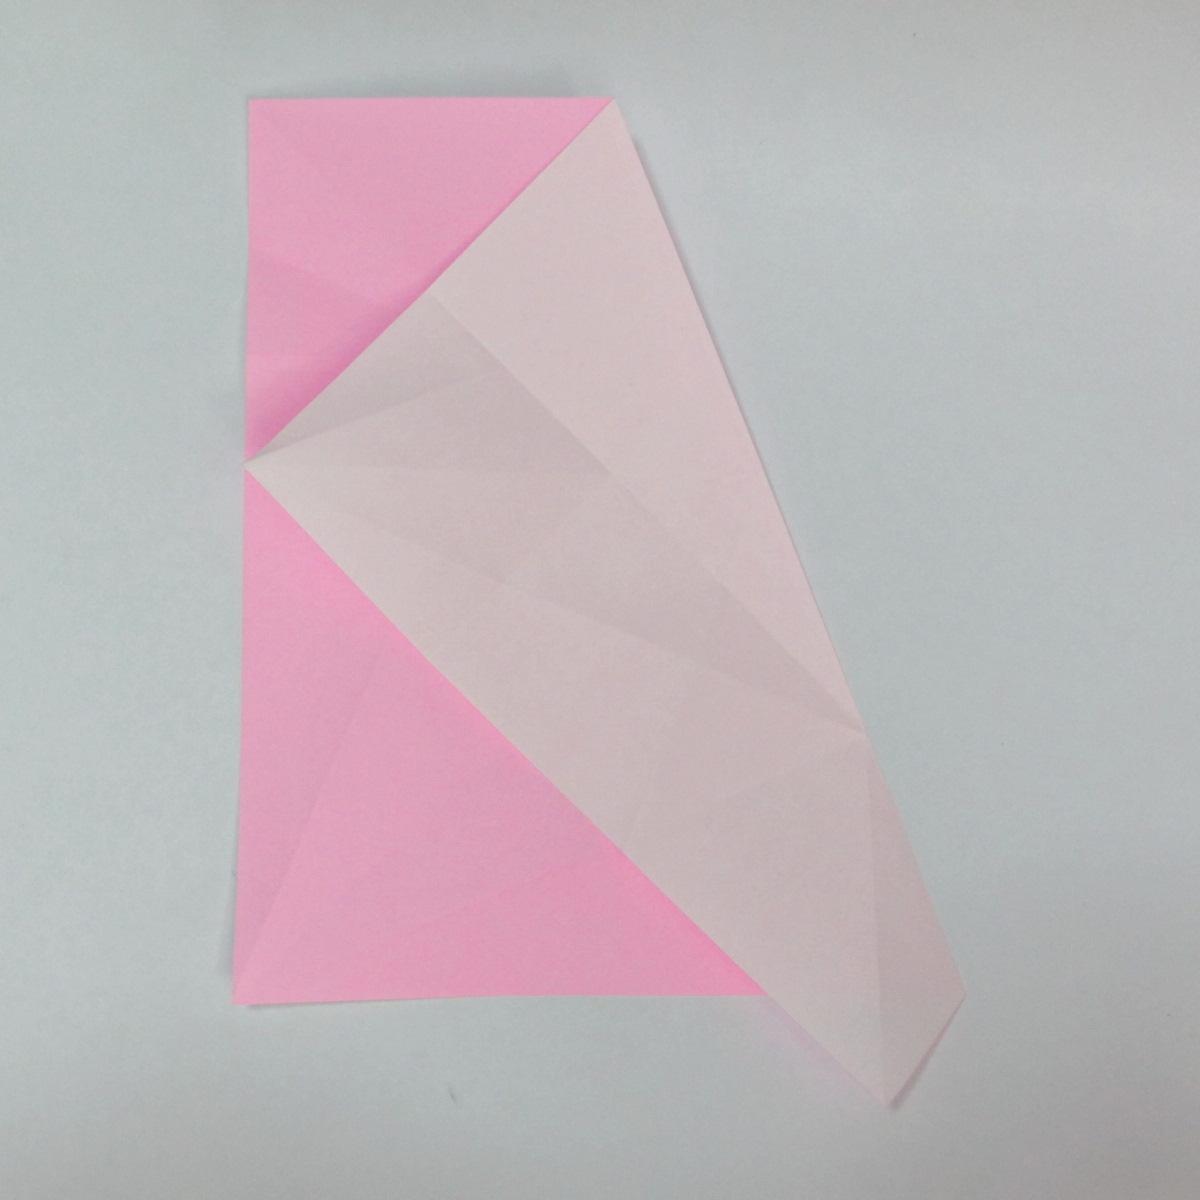 สอนการพับกระดาษเป็นลูกสุนัขชเนาเซอร์ (Origami Schnauzer Puppy) 015